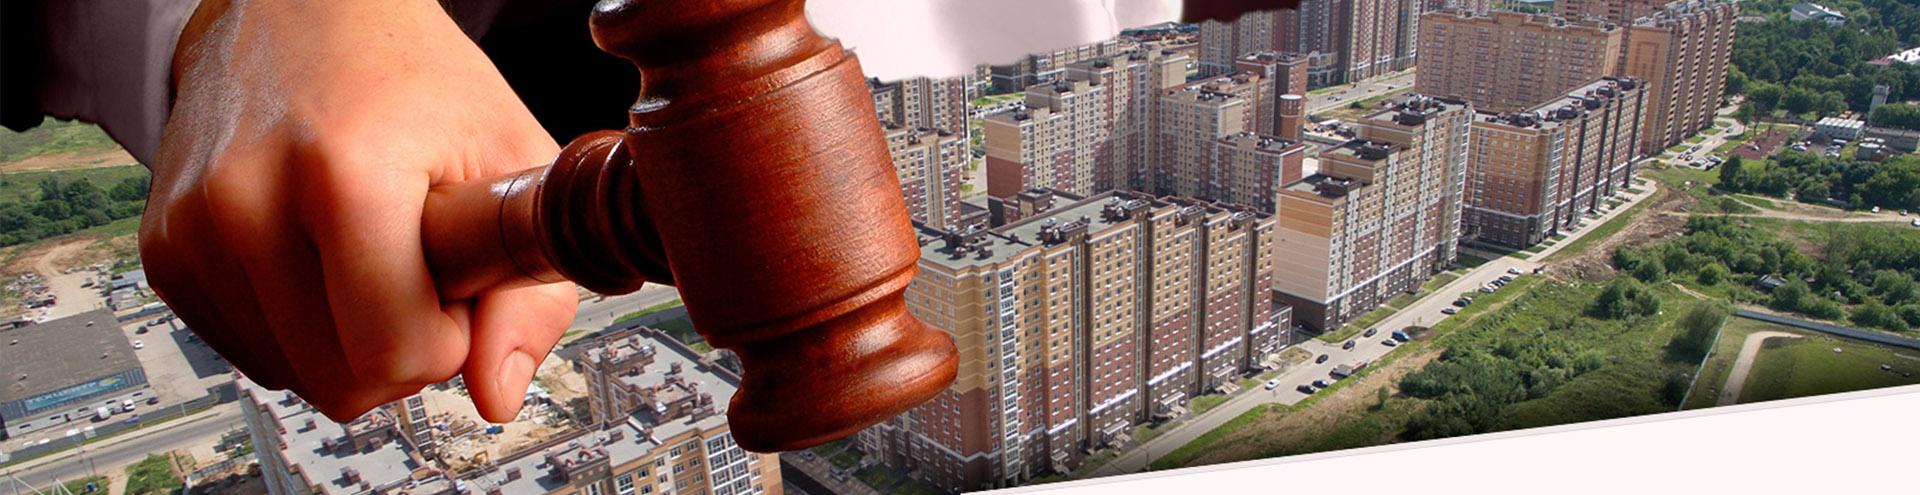 Суд с застройщиком в Ижевске и Удмуртской Республике